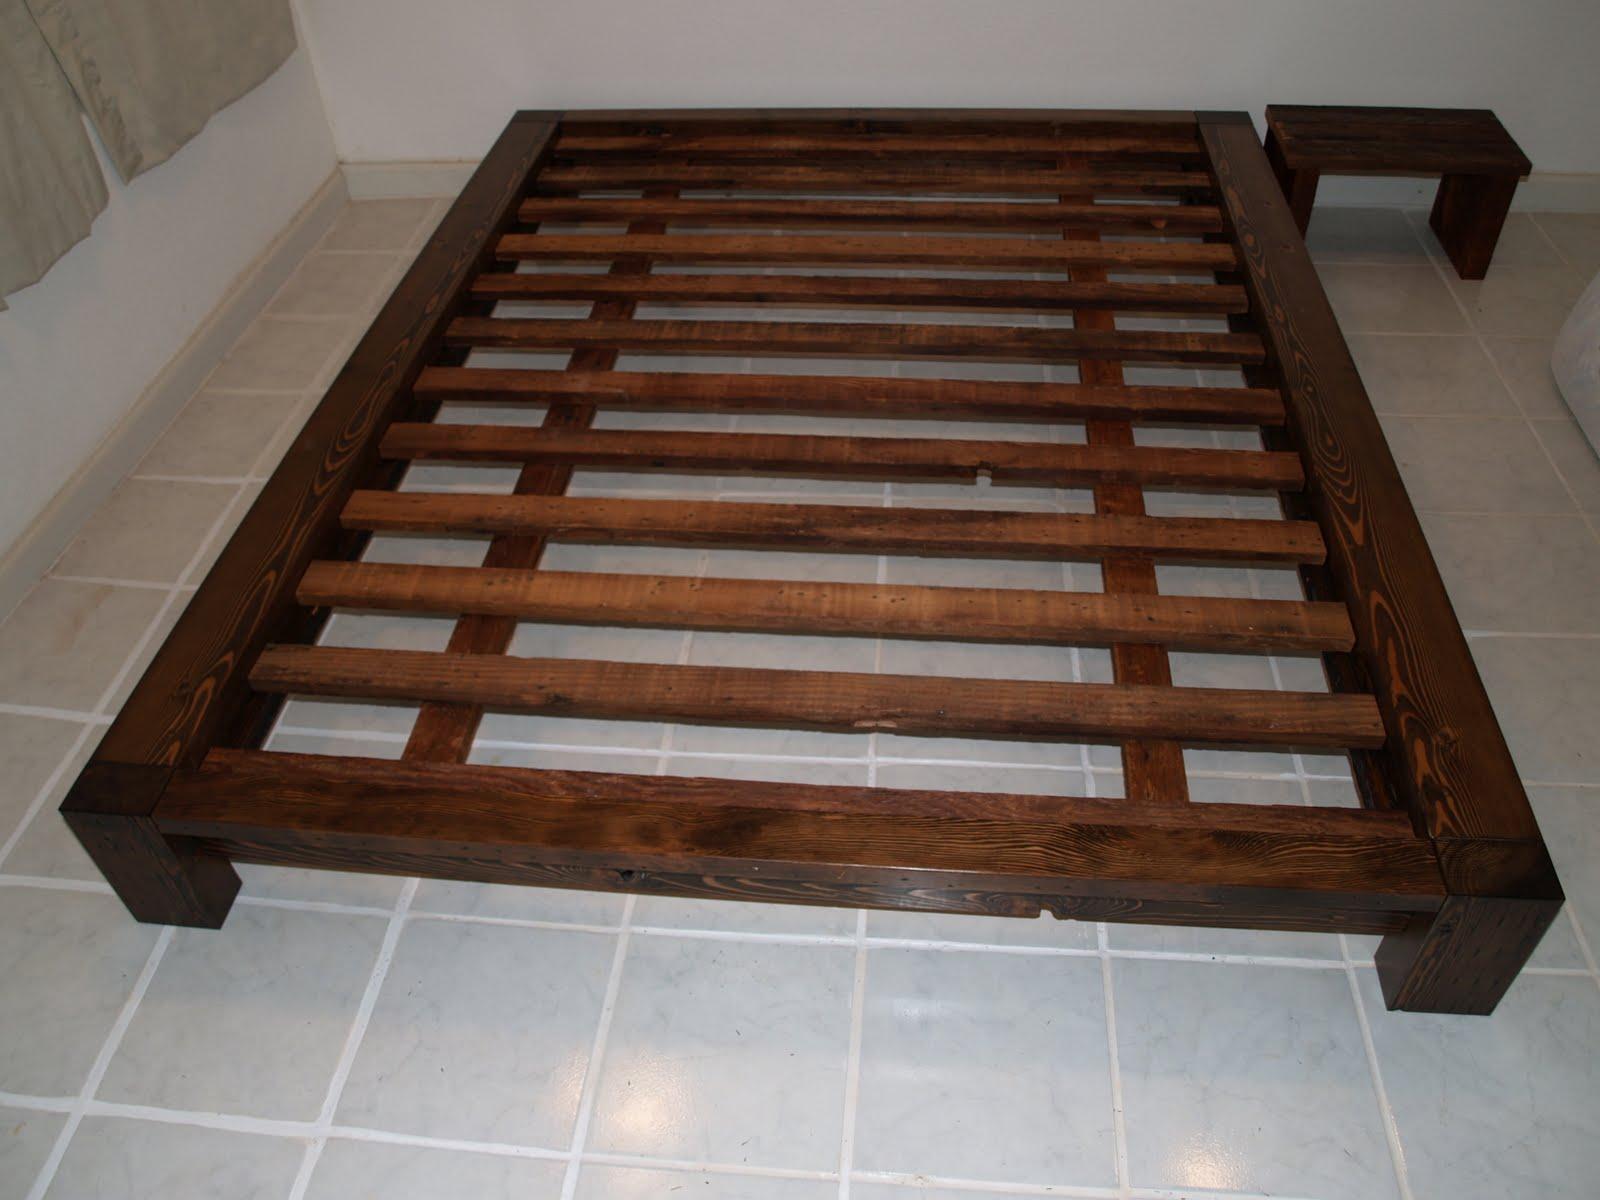 Plans for building a king size platform bed - Build King Size Platform Bed Frame Quick Woodworking Project Making Wood Platform Bed Frame